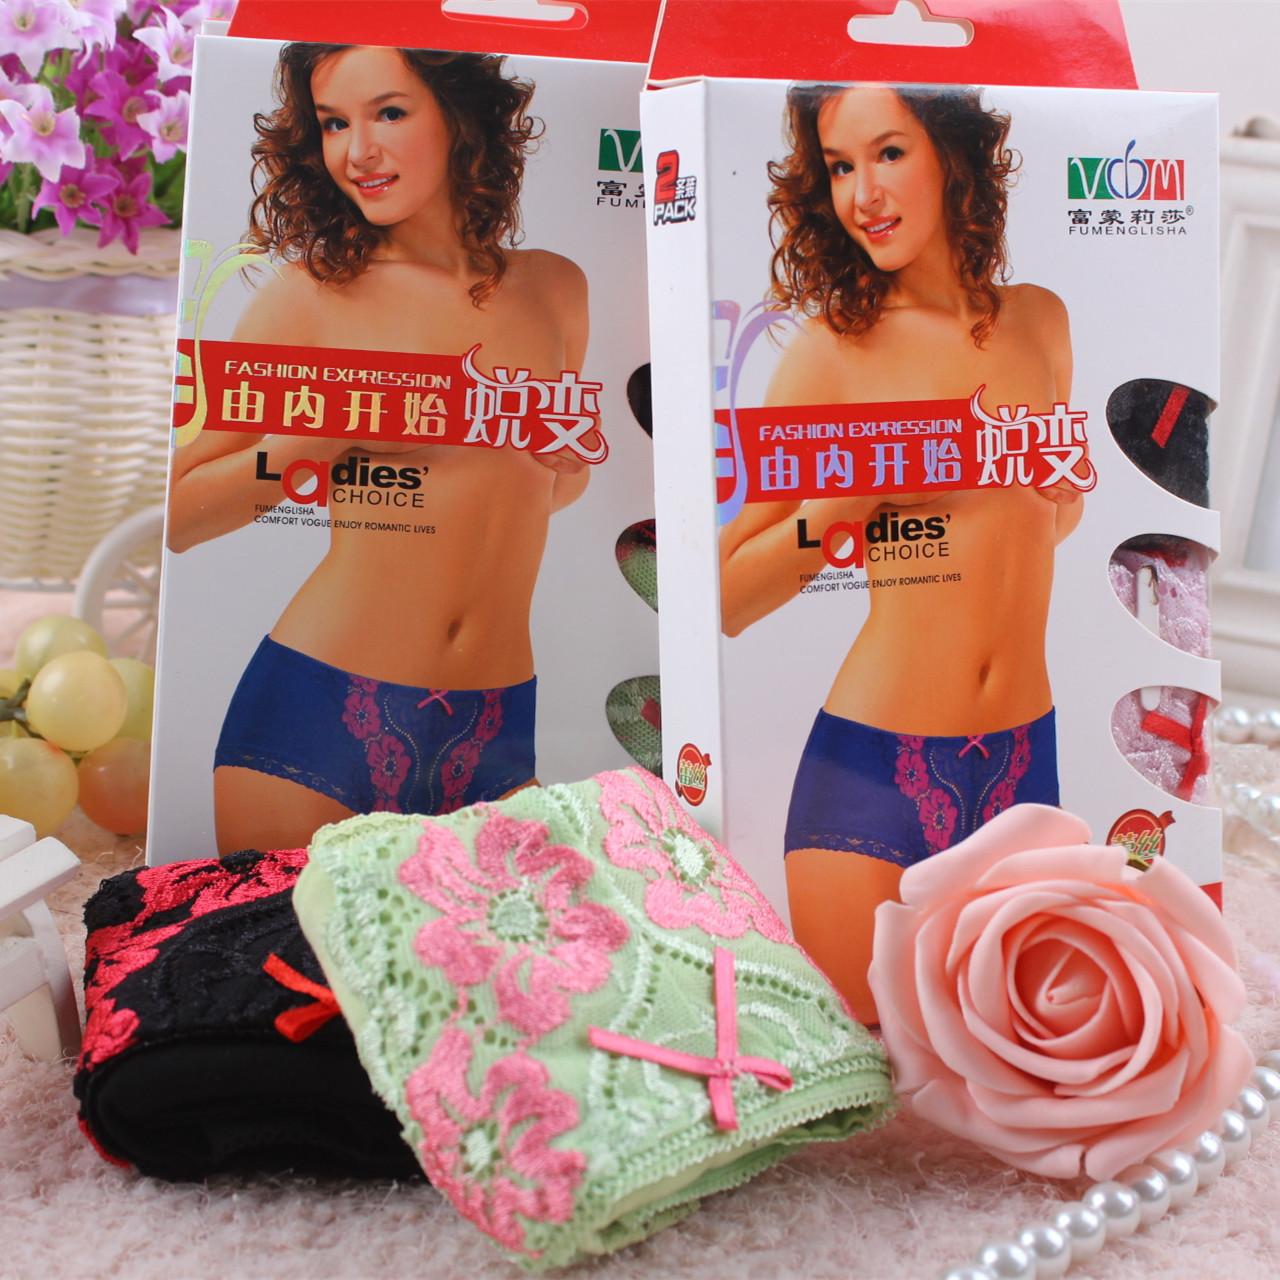 新款 富蒙莉莎女士内裤 性感蕾丝女士内裤舒适透气 2条盒装3052